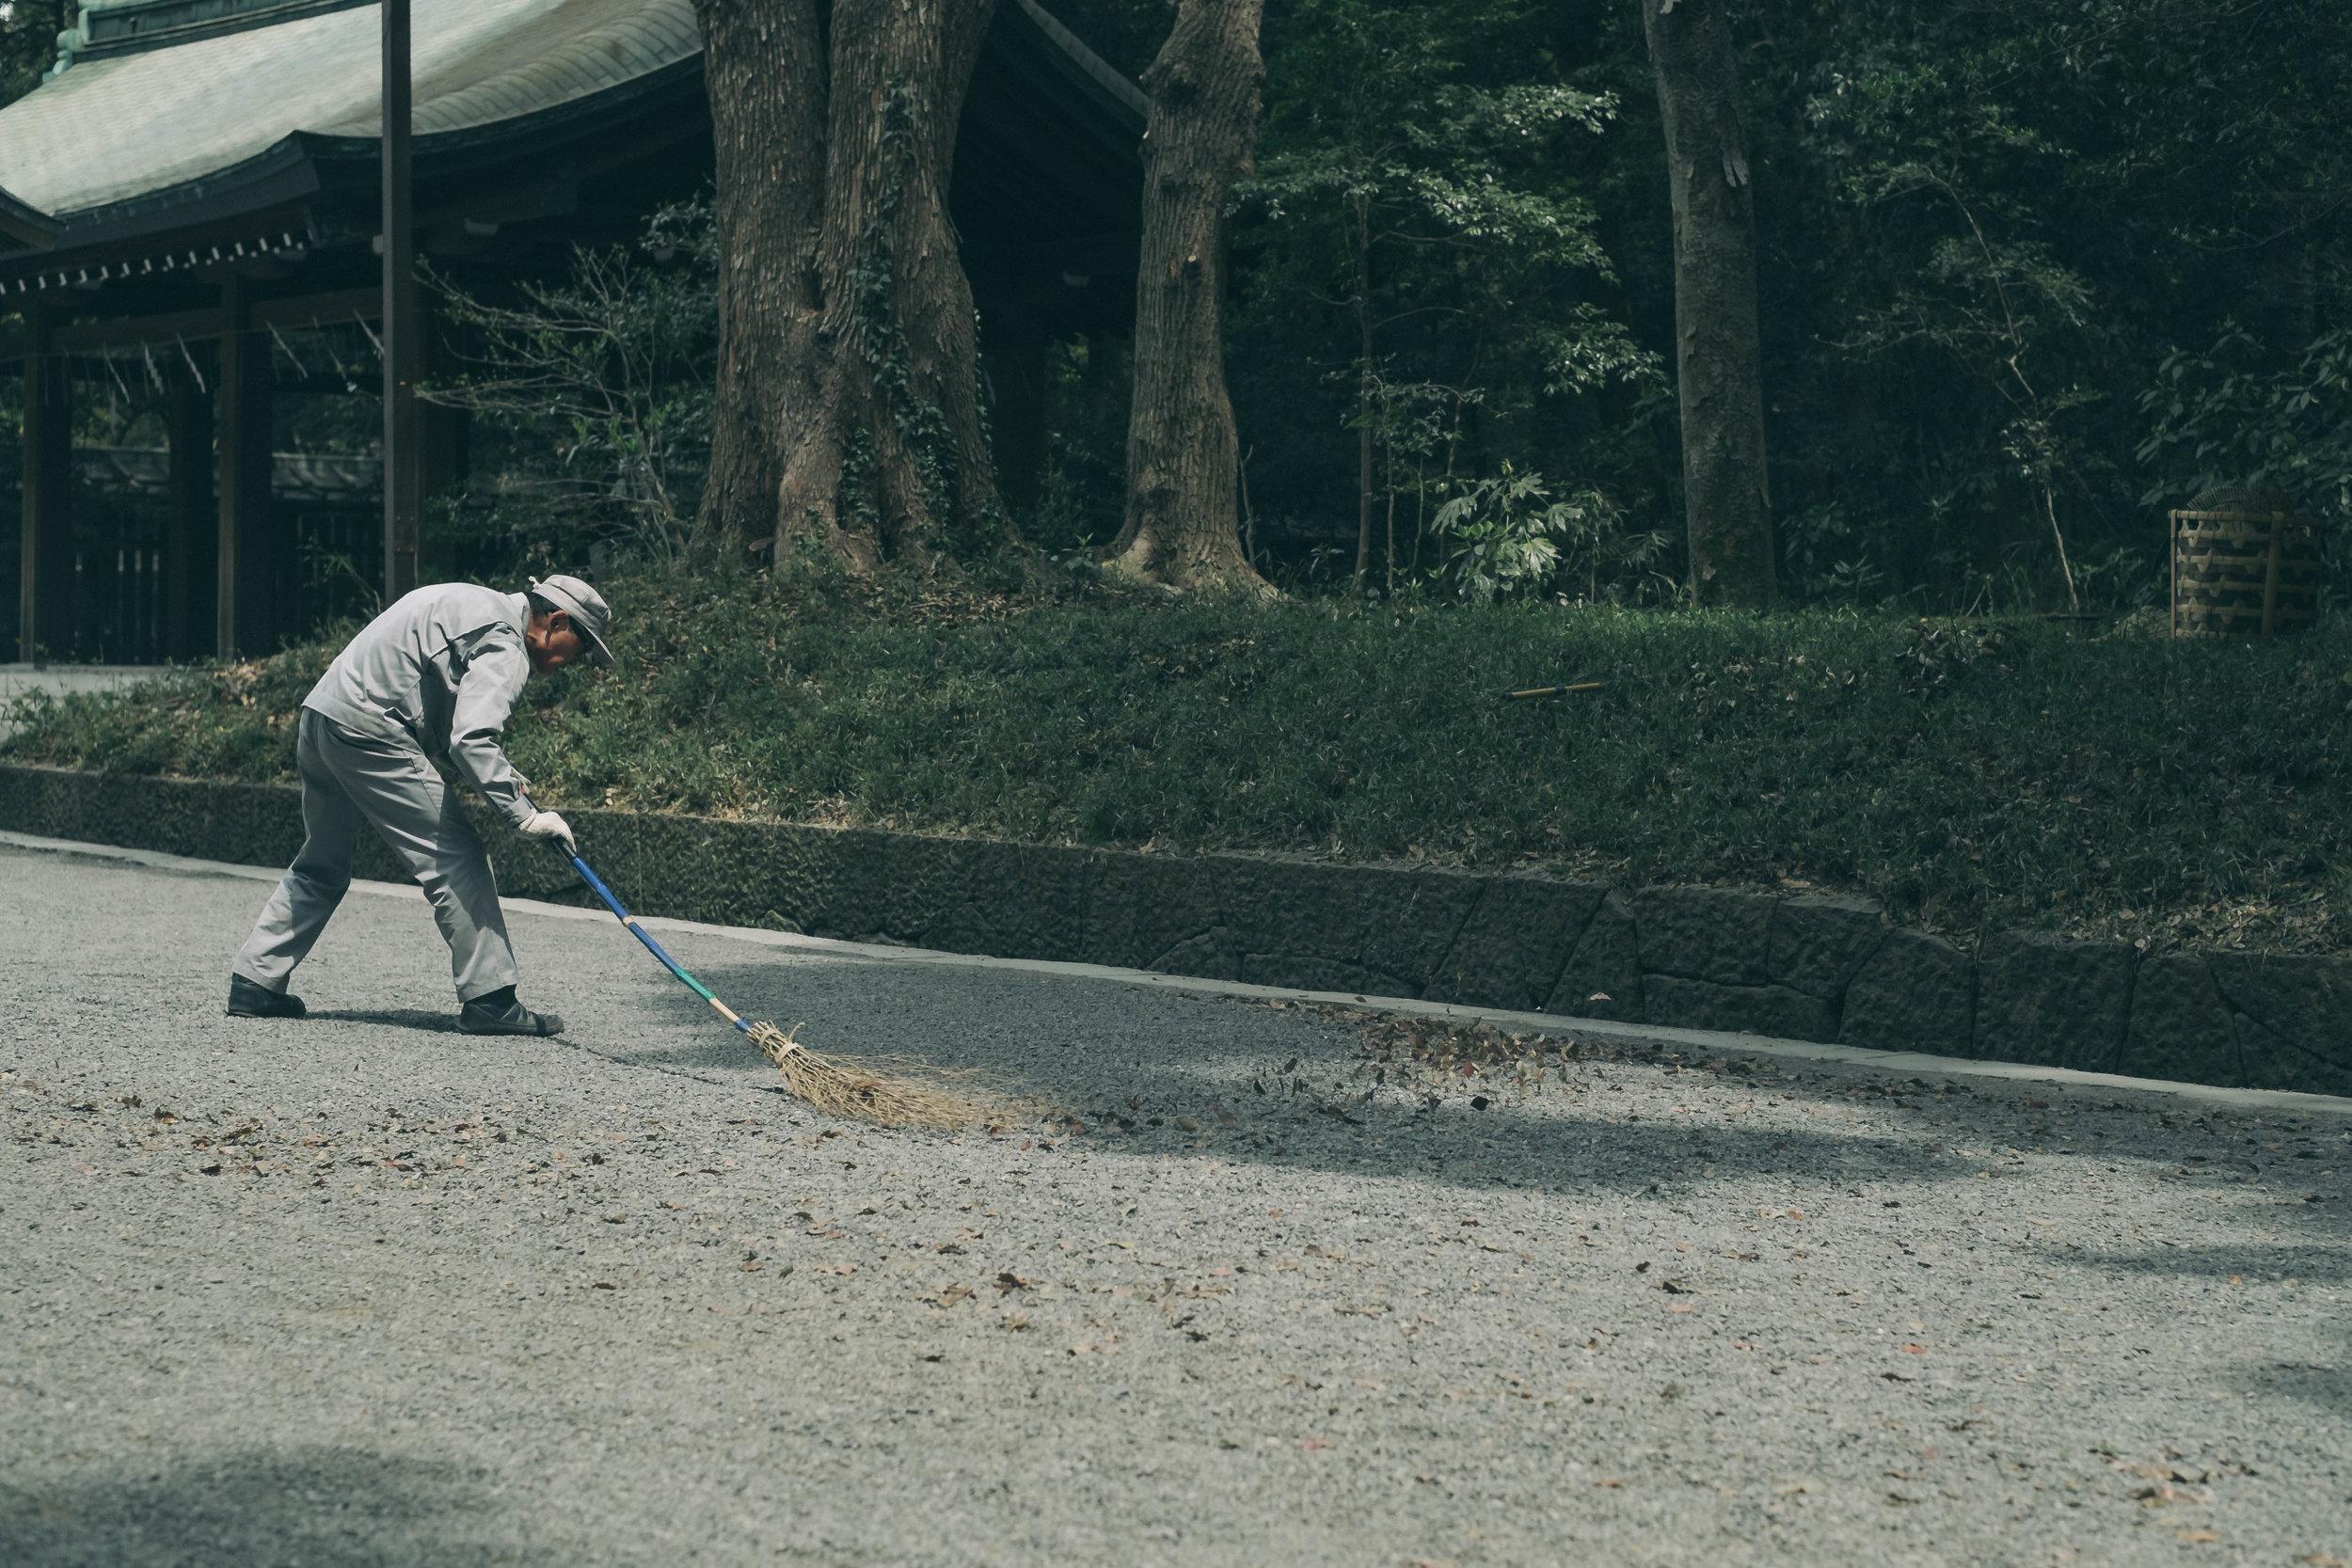 Older gentleman sweeping leaves, Tokyo.